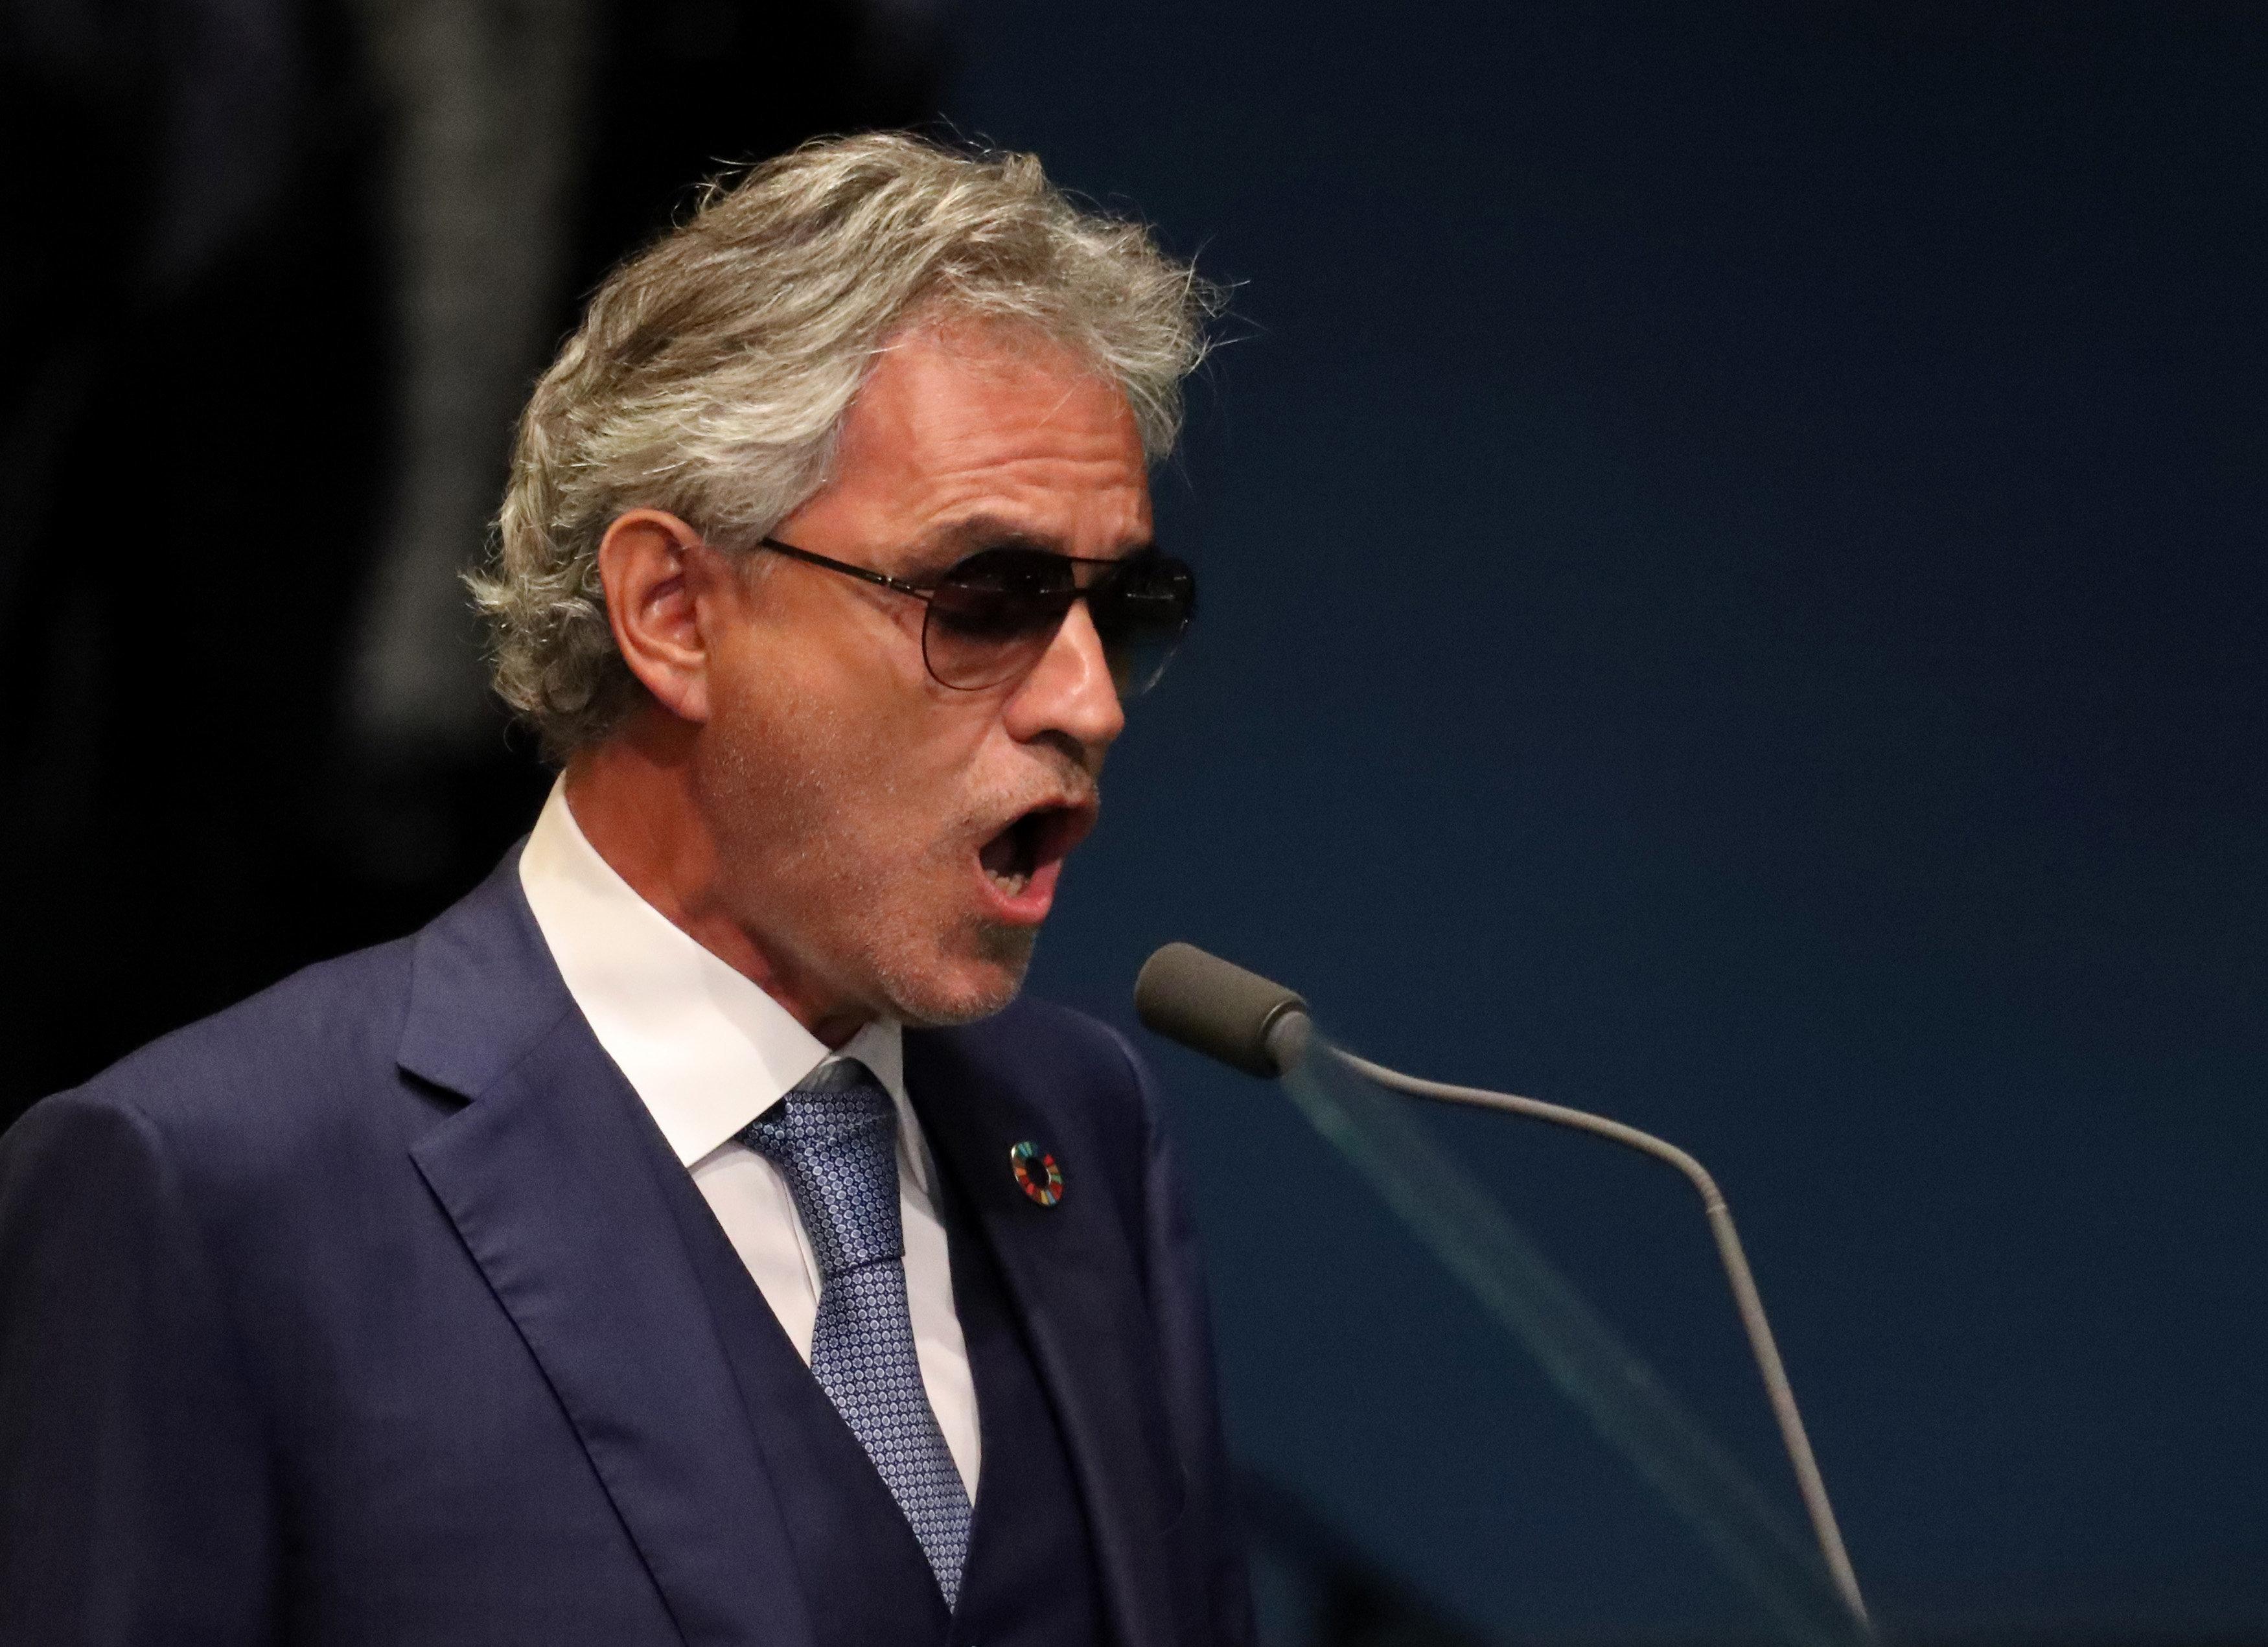 Andrea Bocelli Sings Nessun Dorma Ahead Of The U N General Debate In New York